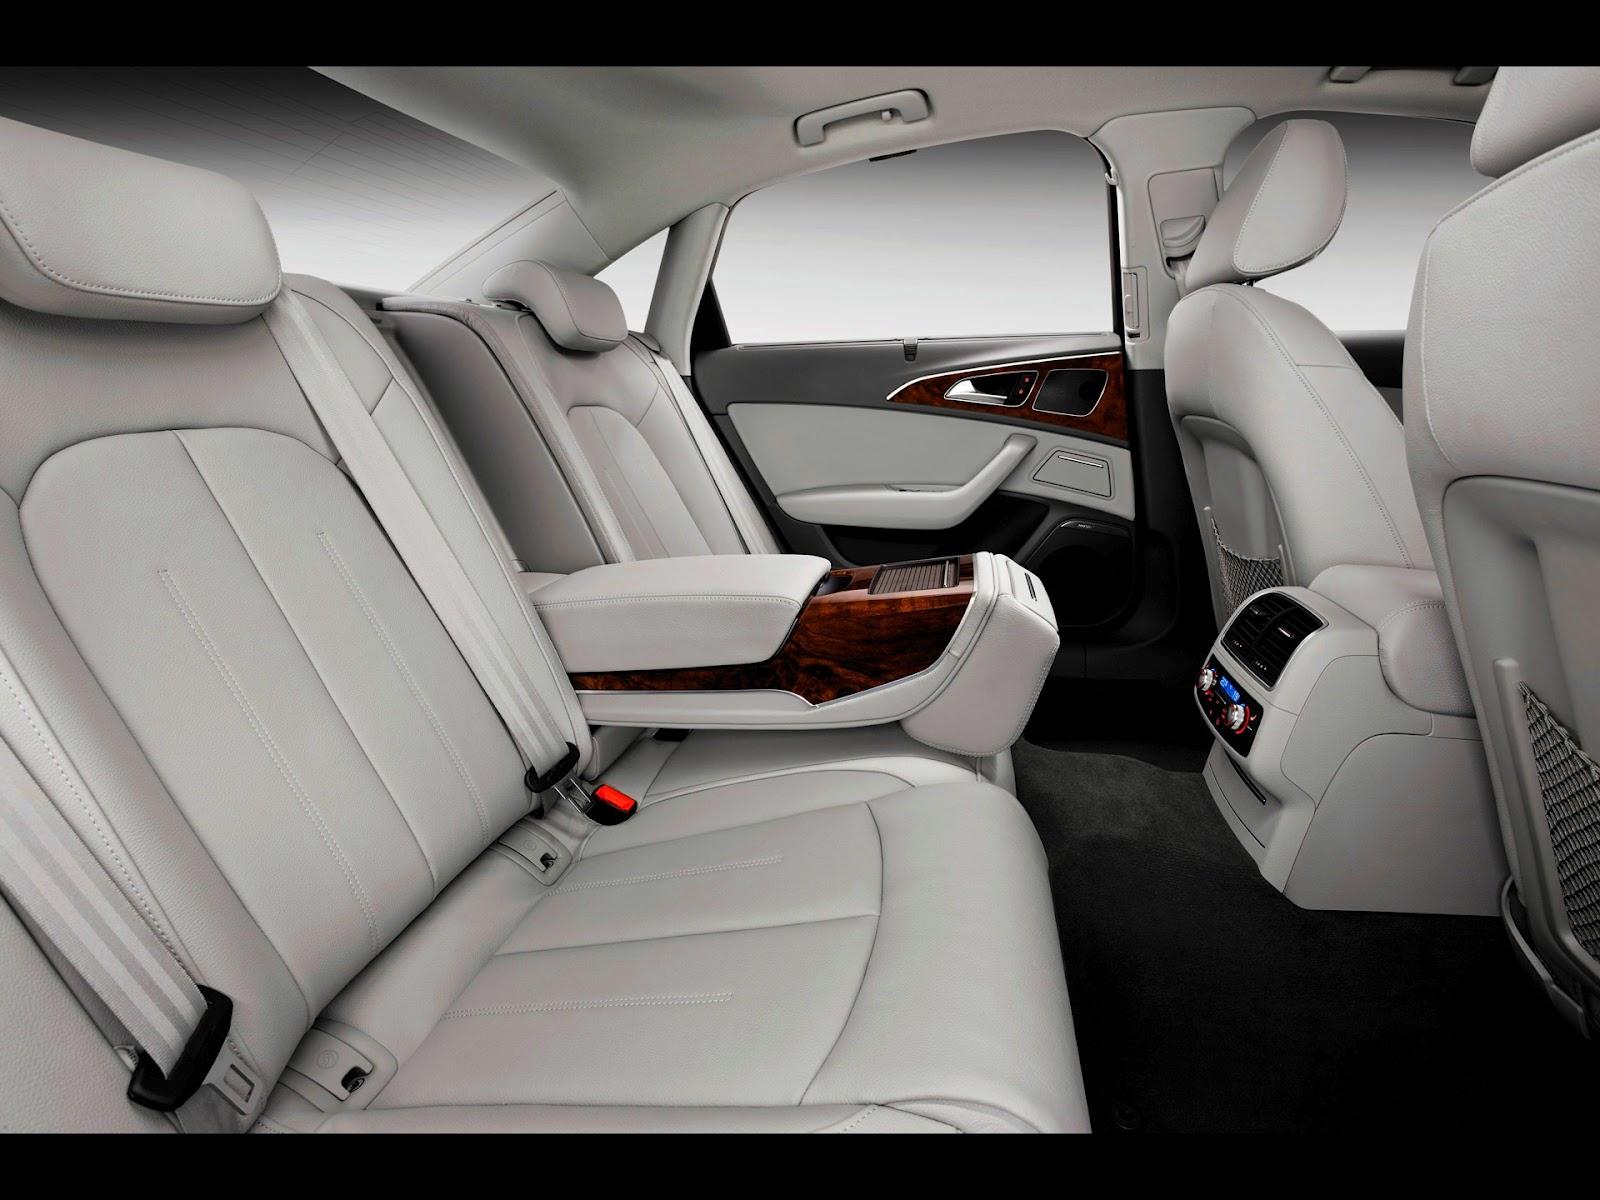 2012 audi a6 l e tron concept interior news hot car. Black Bedroom Furniture Sets. Home Design Ideas